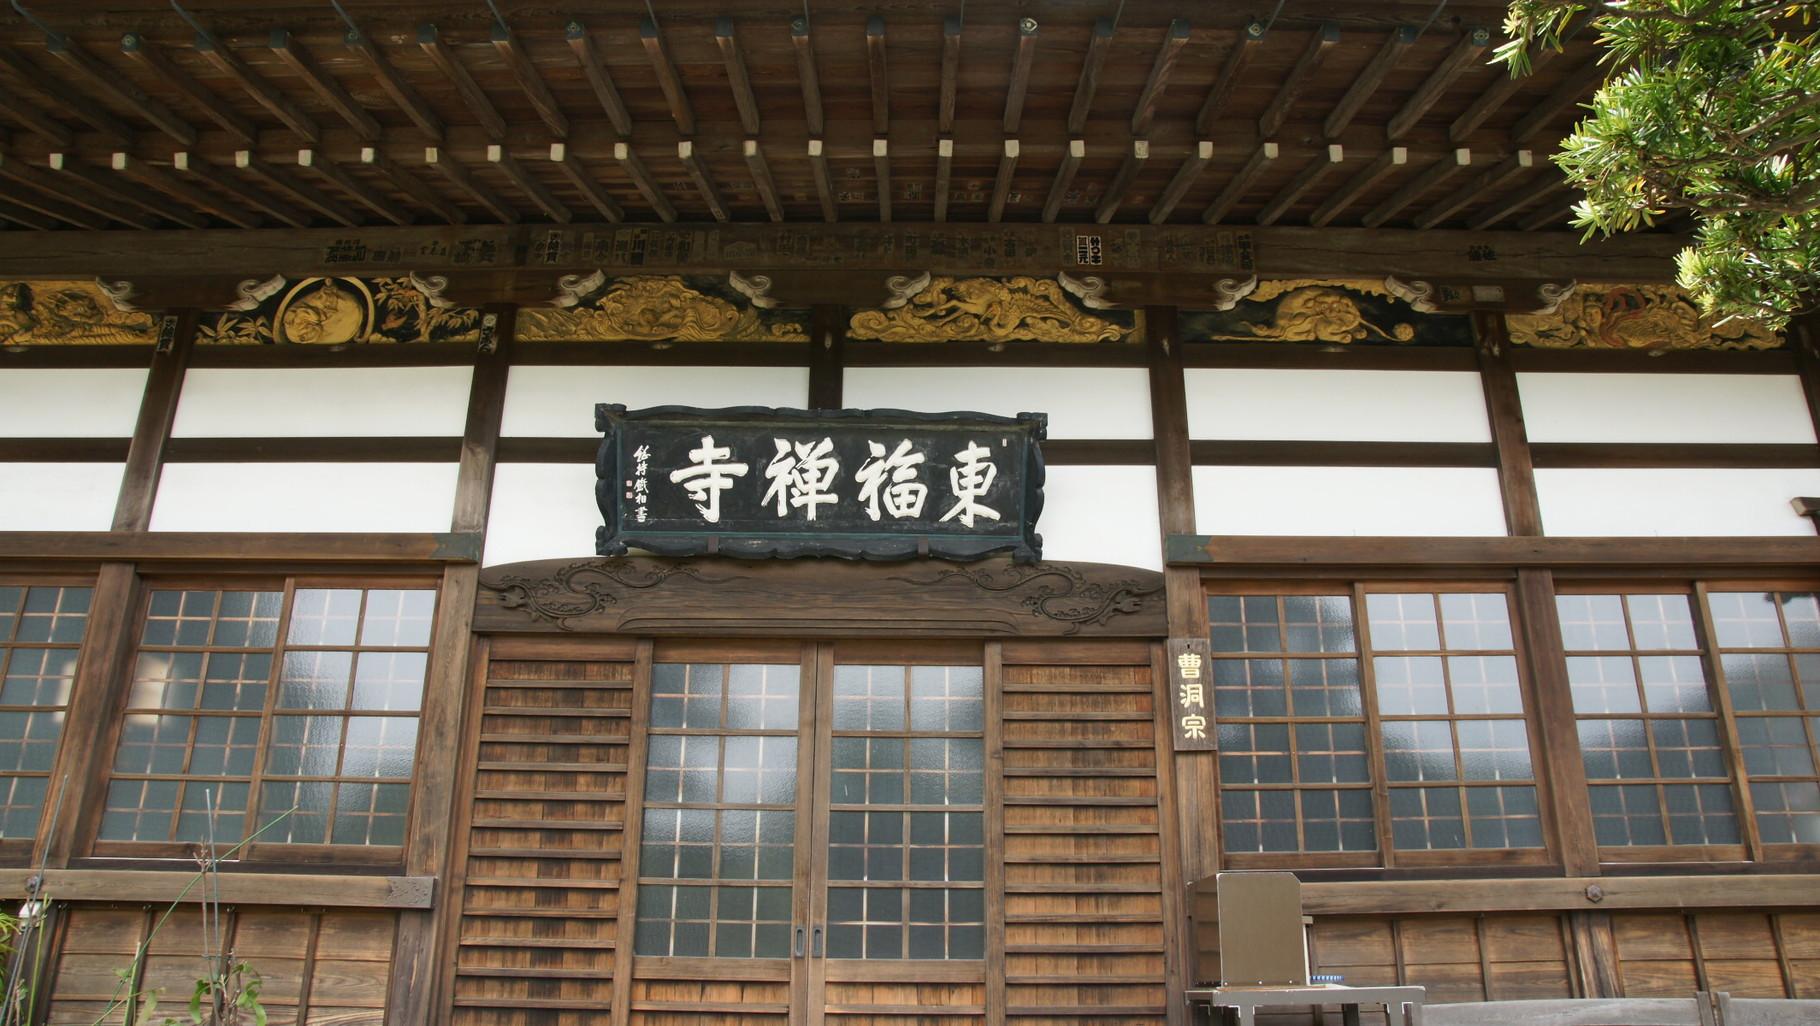 東福禅寺、外壁には彫刻と見間違う鏝絵、